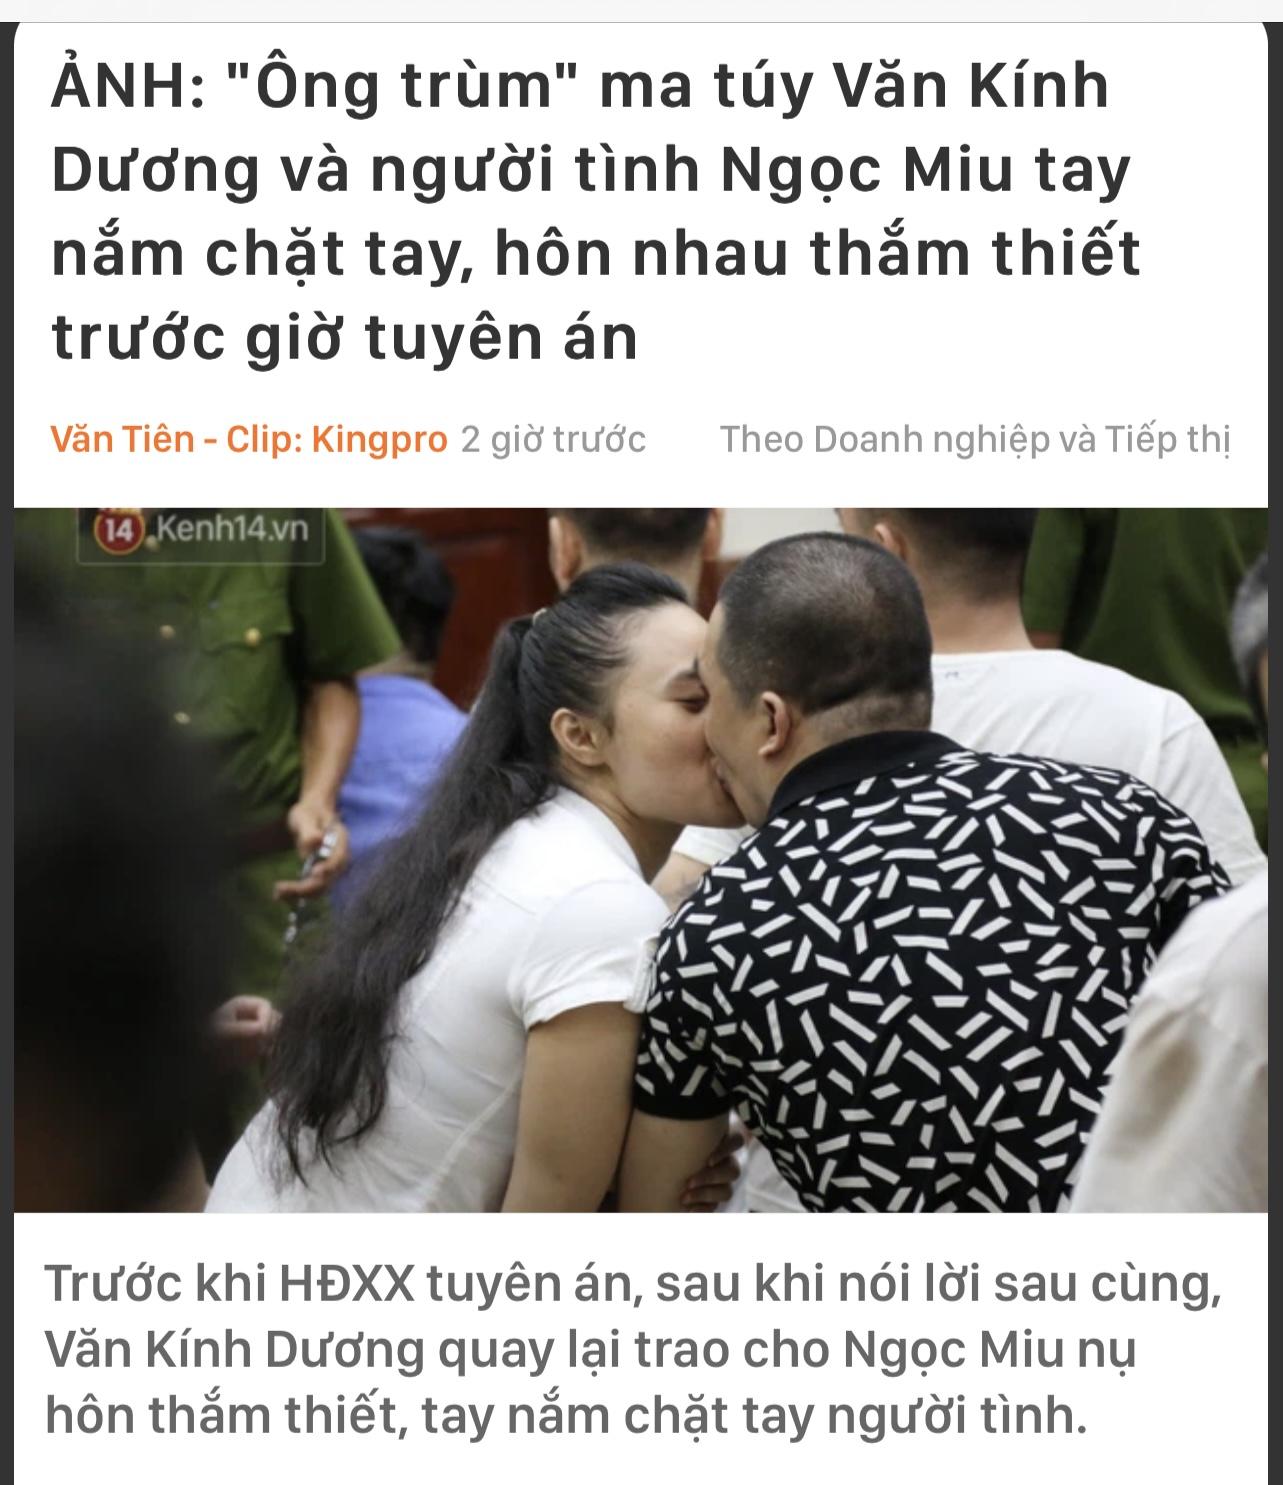 Tranh luận về hình ảnh hotgirl Ngọc Miu hôn người tình tại toà